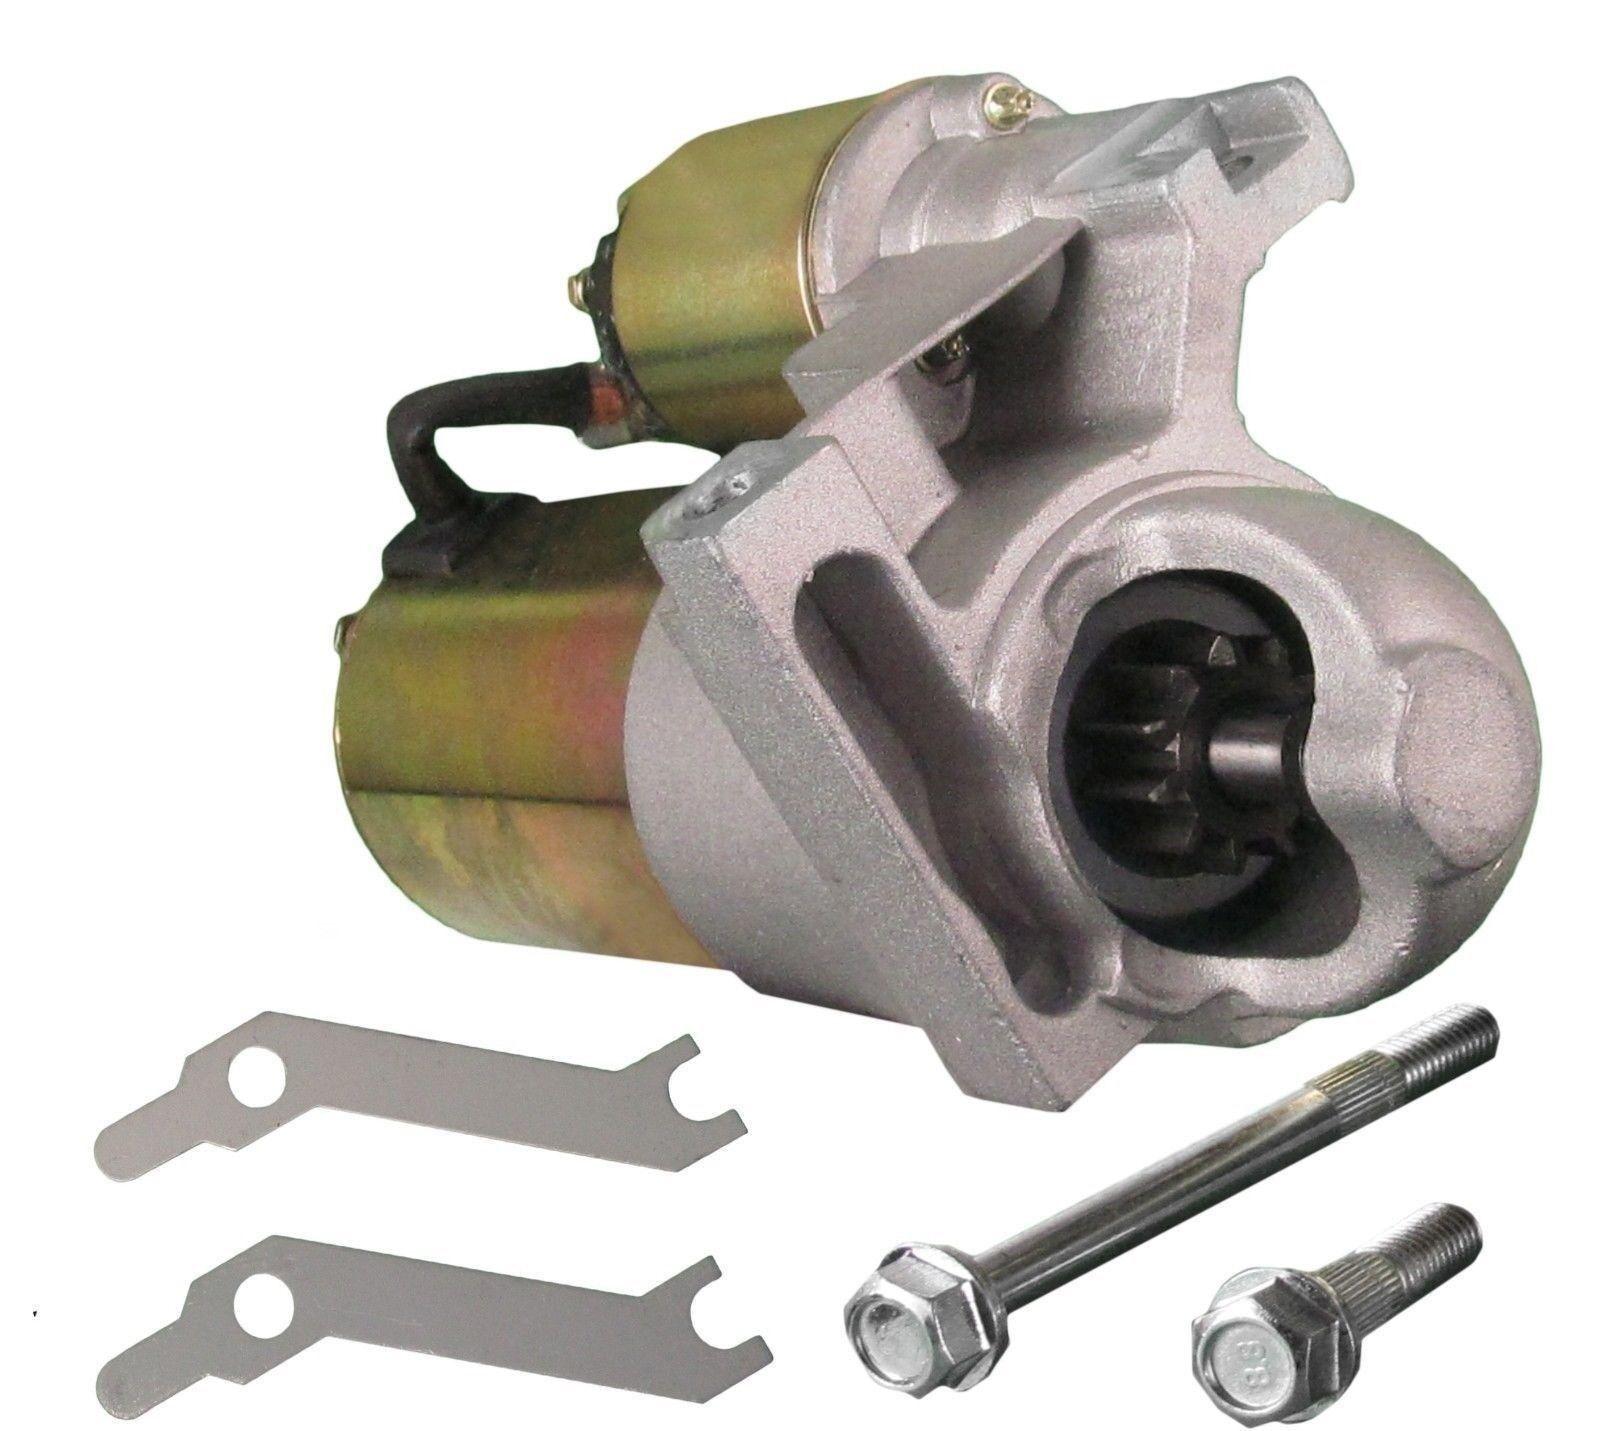 New Gear Reduction Marine Starter Volvo AQ175A AQ200A AQ231A AQ290A BB225A BB260